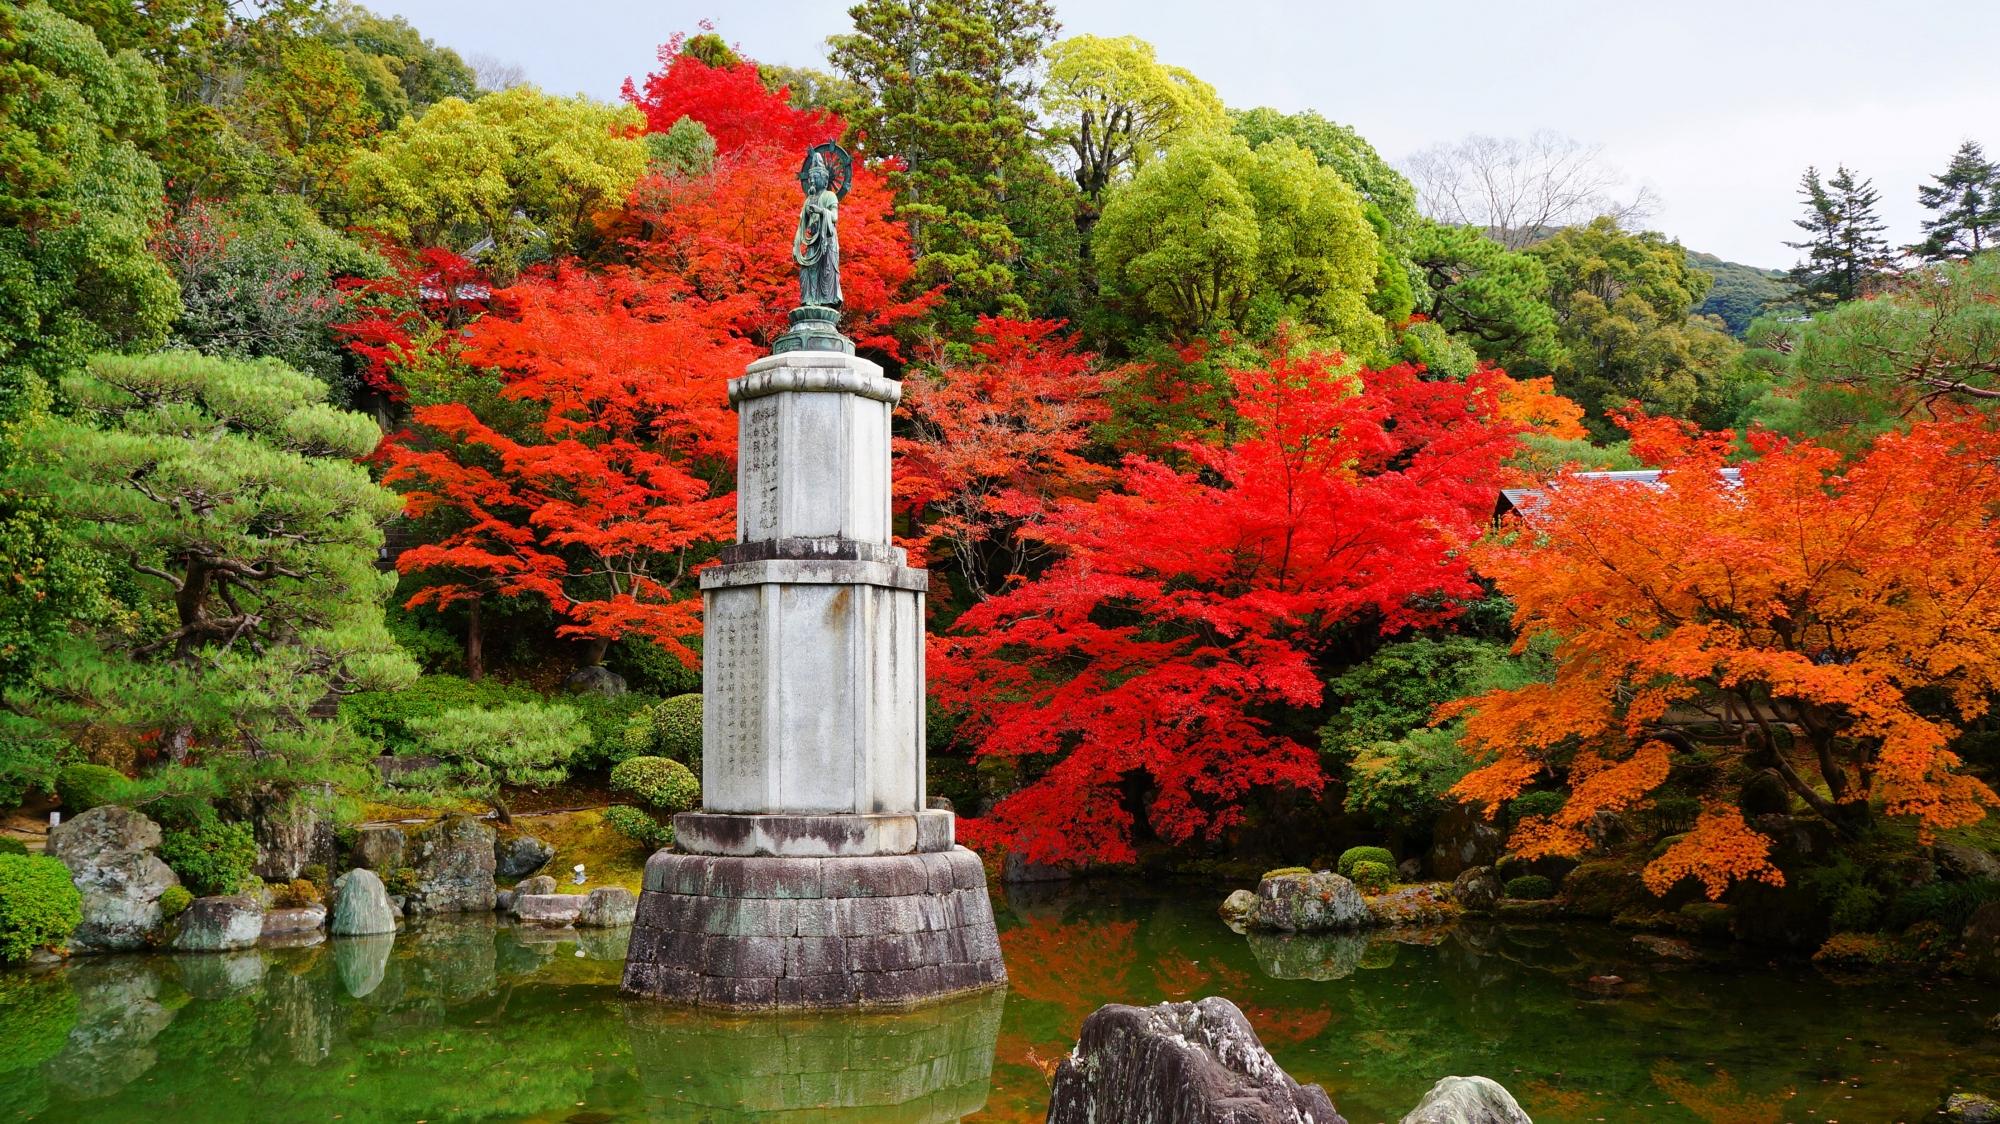 友禅苑の補陀落池と紅葉